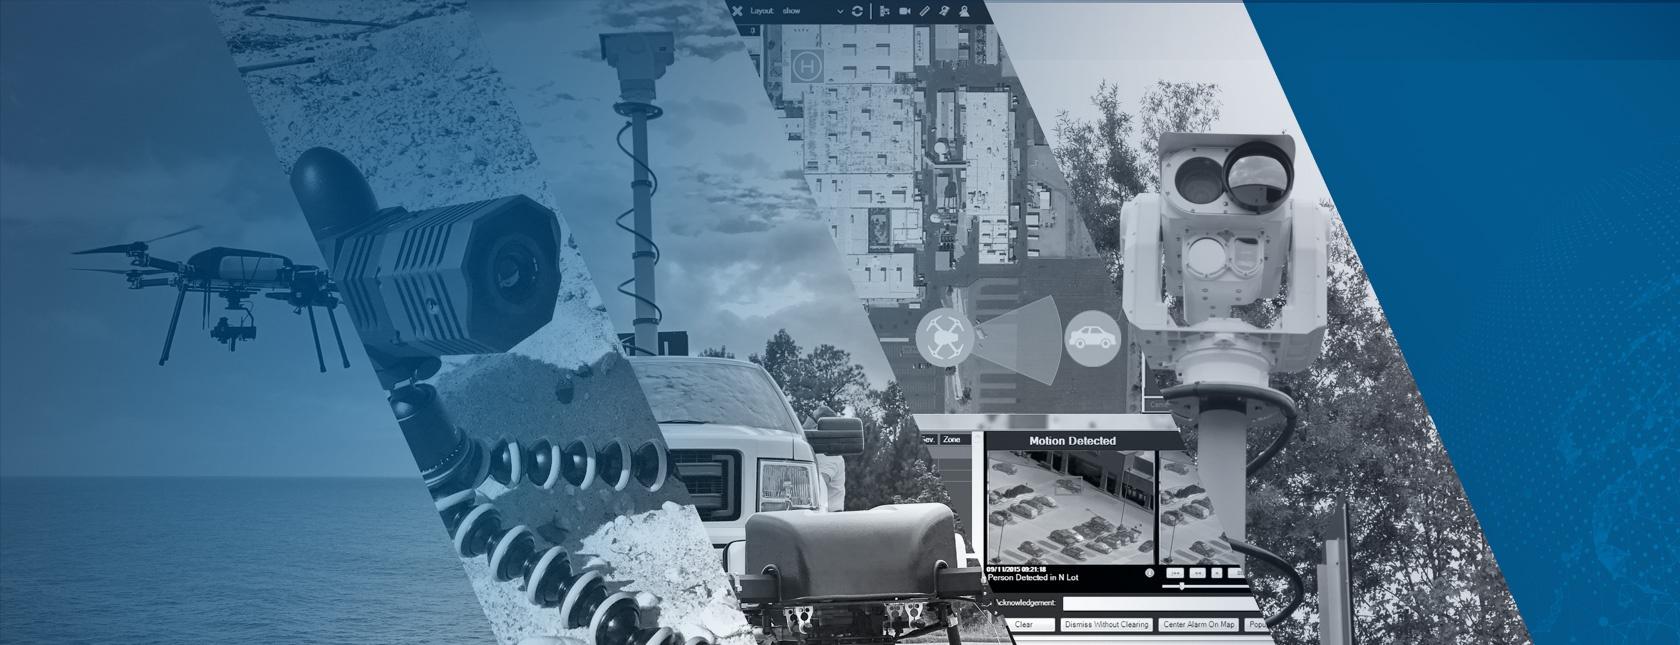 Surveillance-ISS-Banner-02